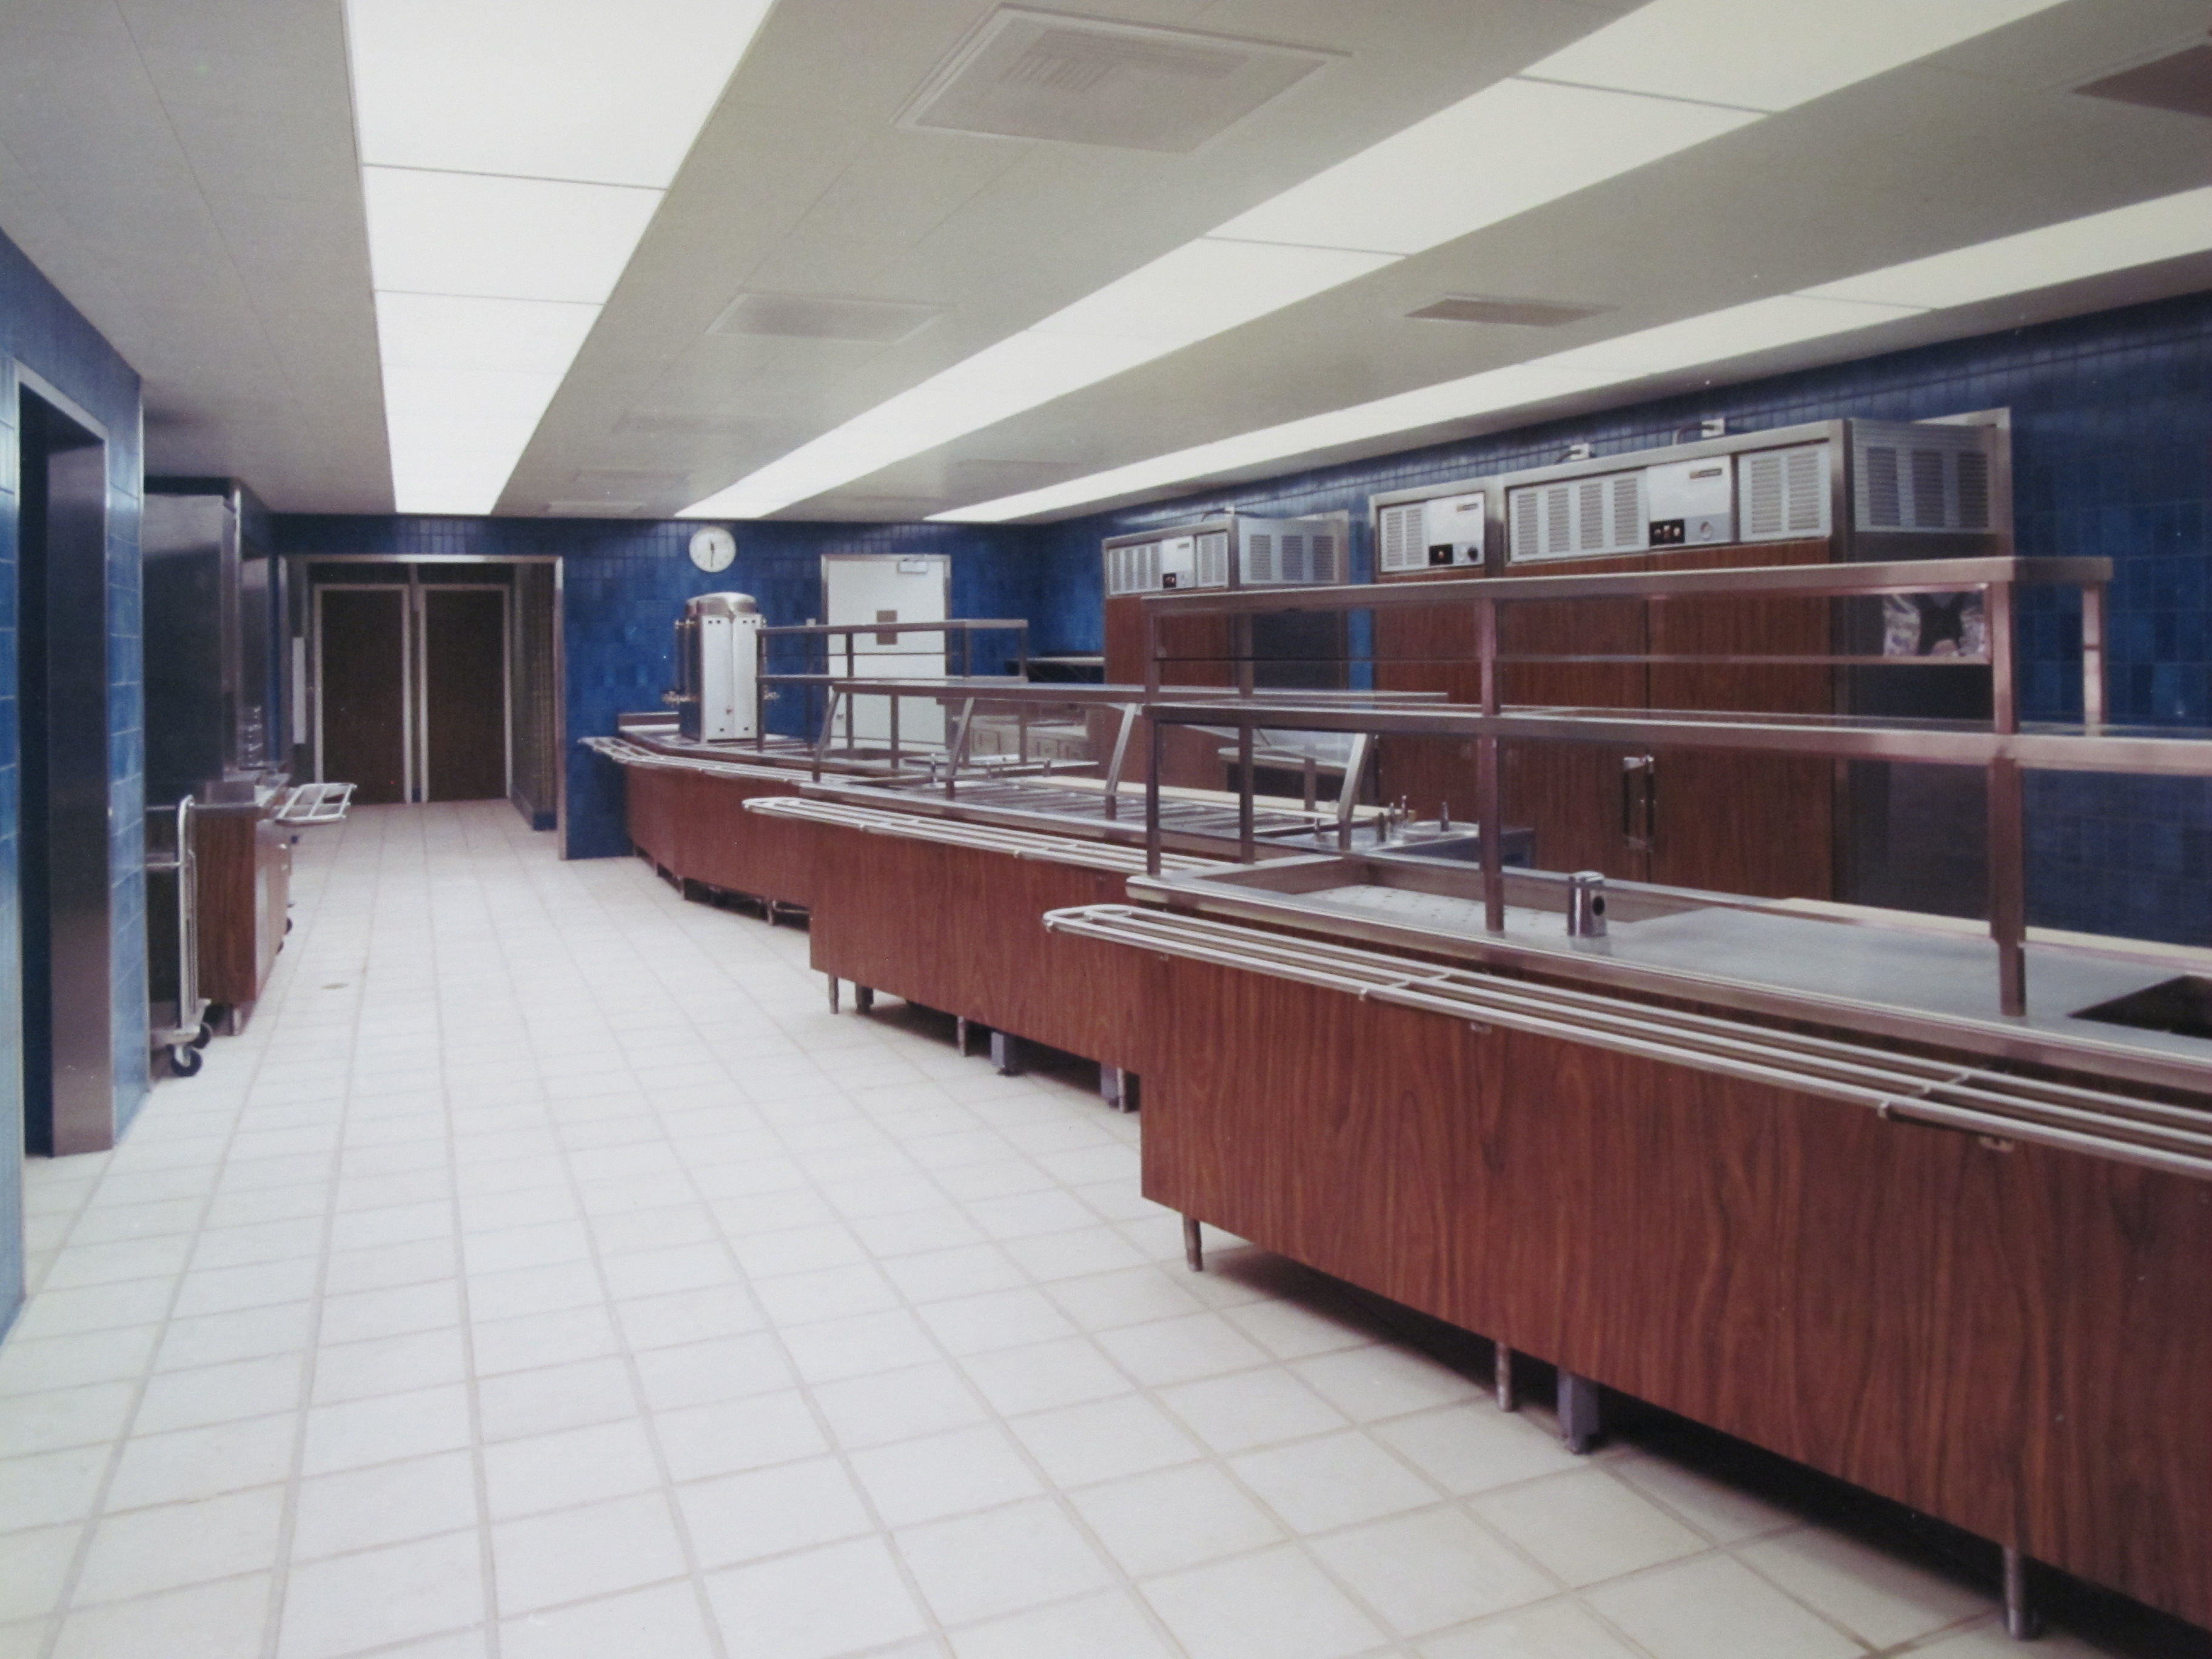 Circa 1970